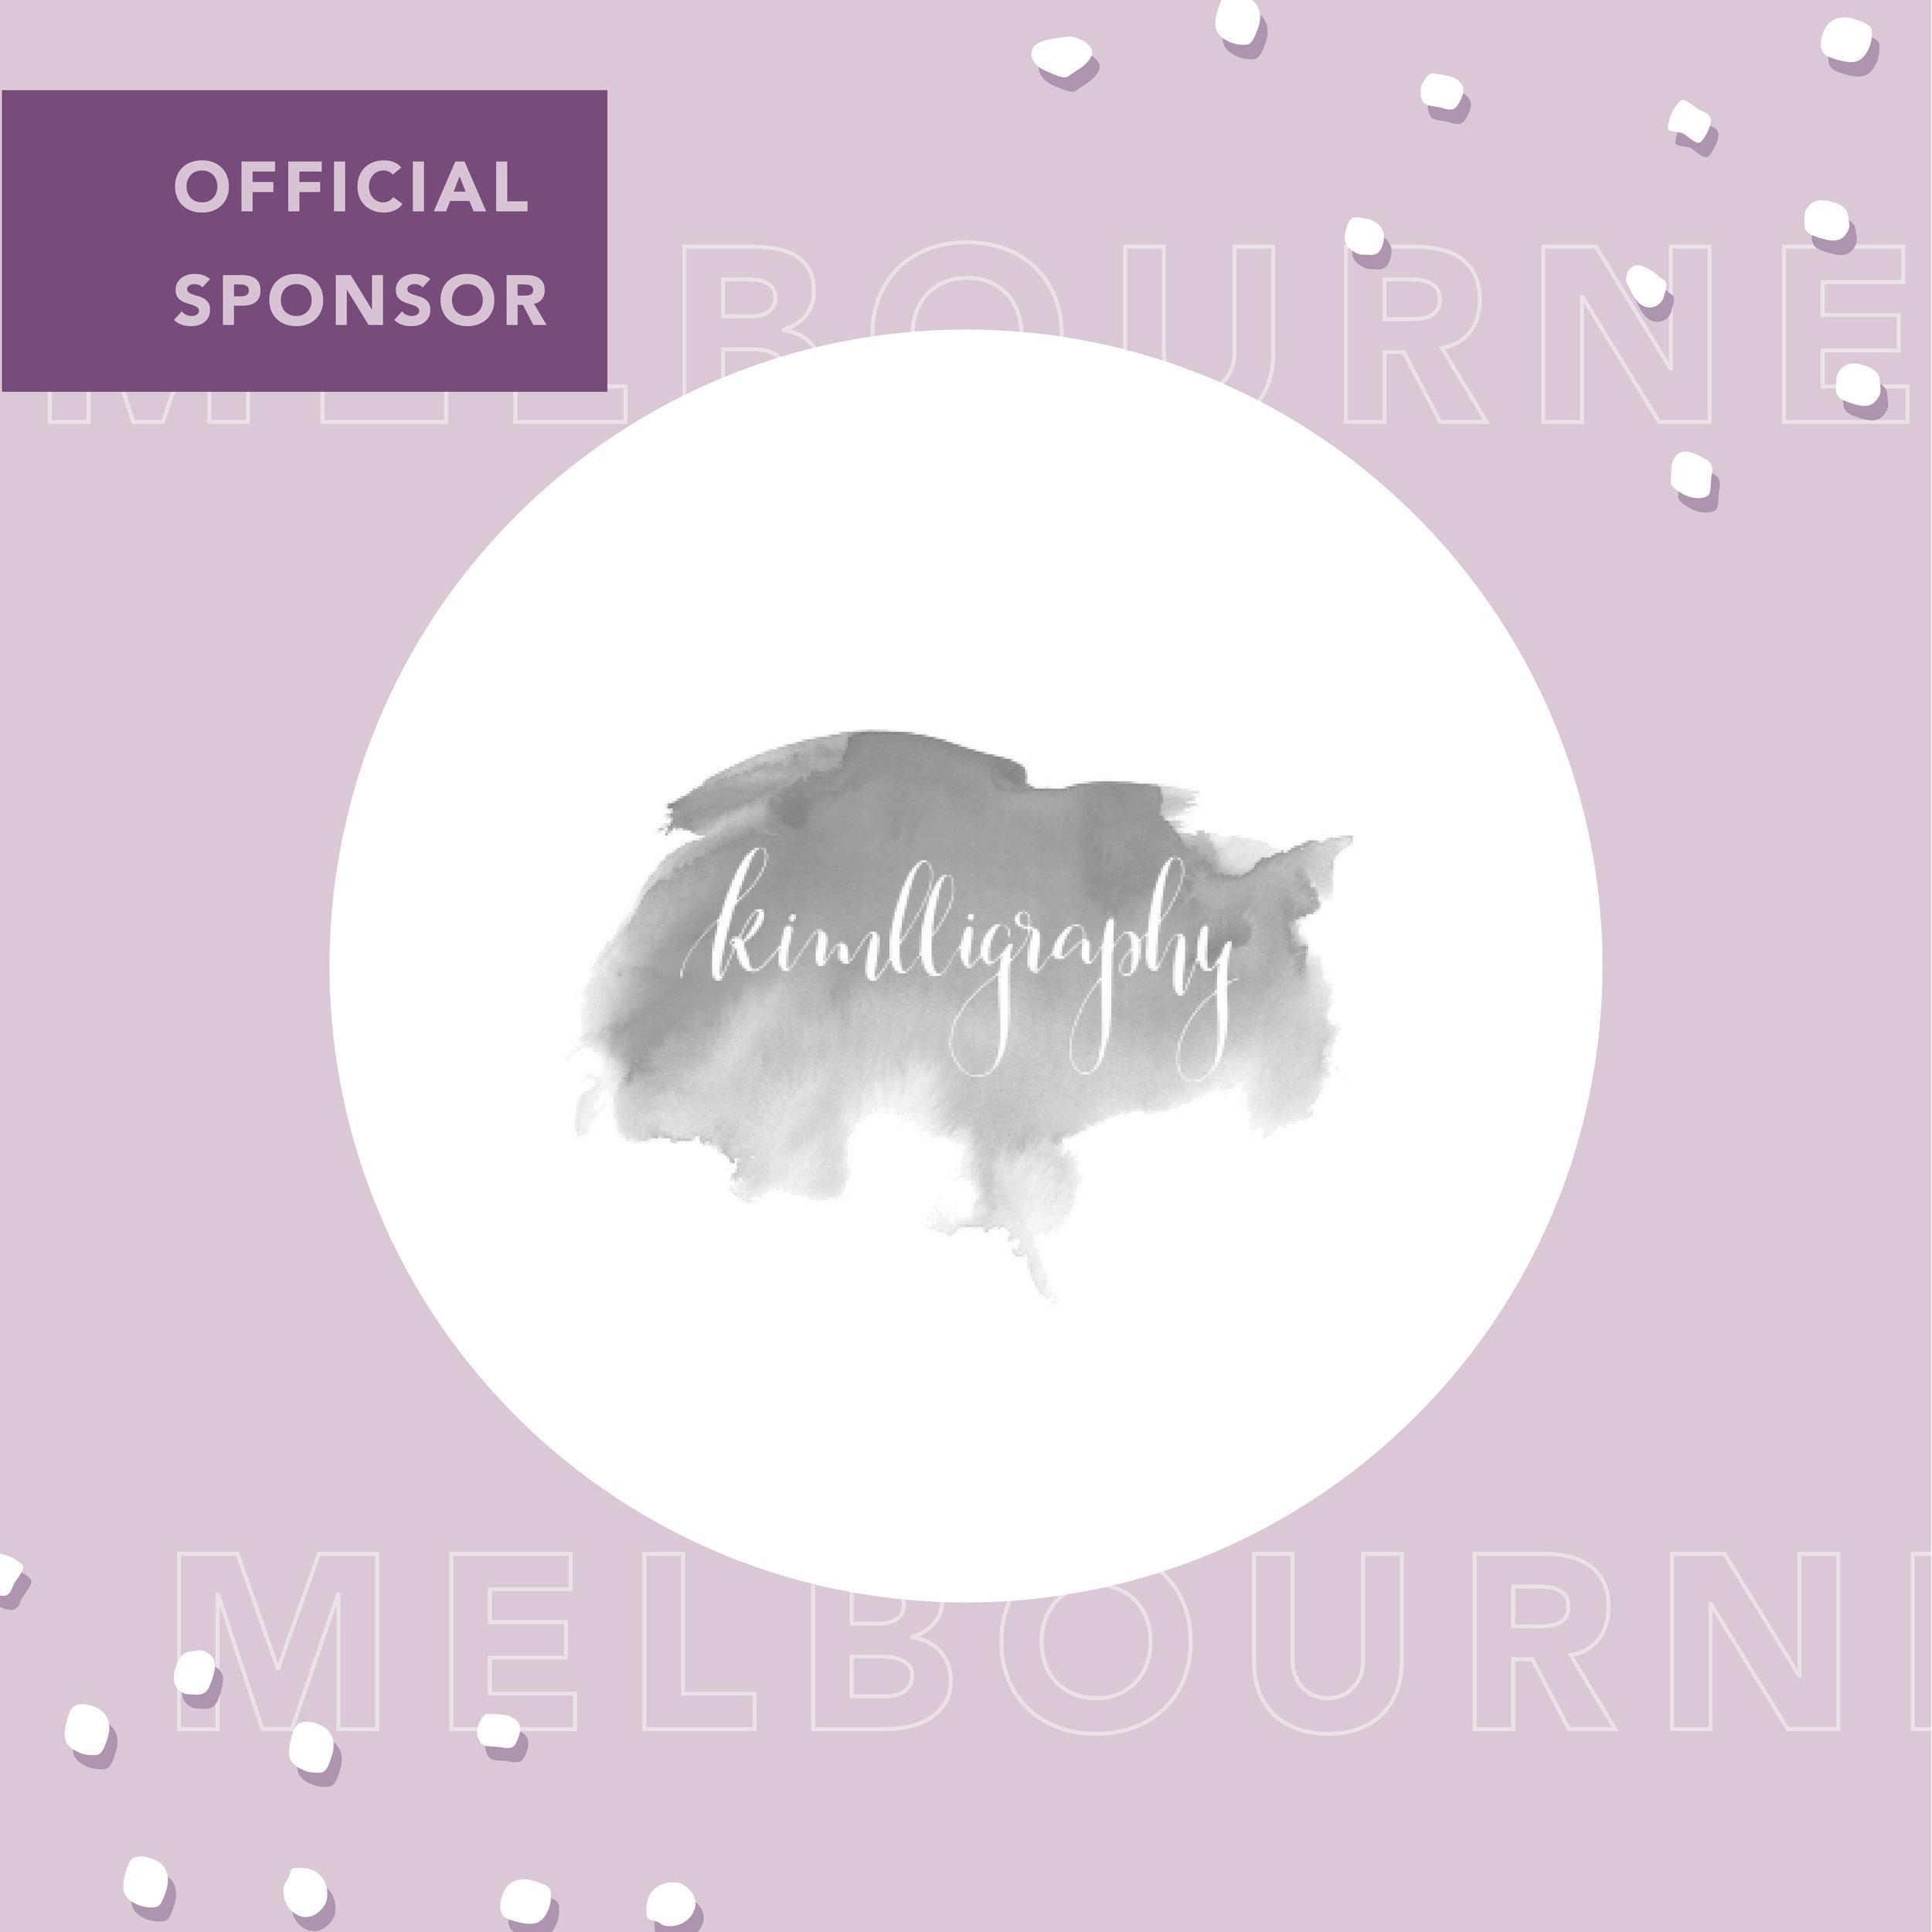 Sponsor Logos For Melbourne 20184.jpg